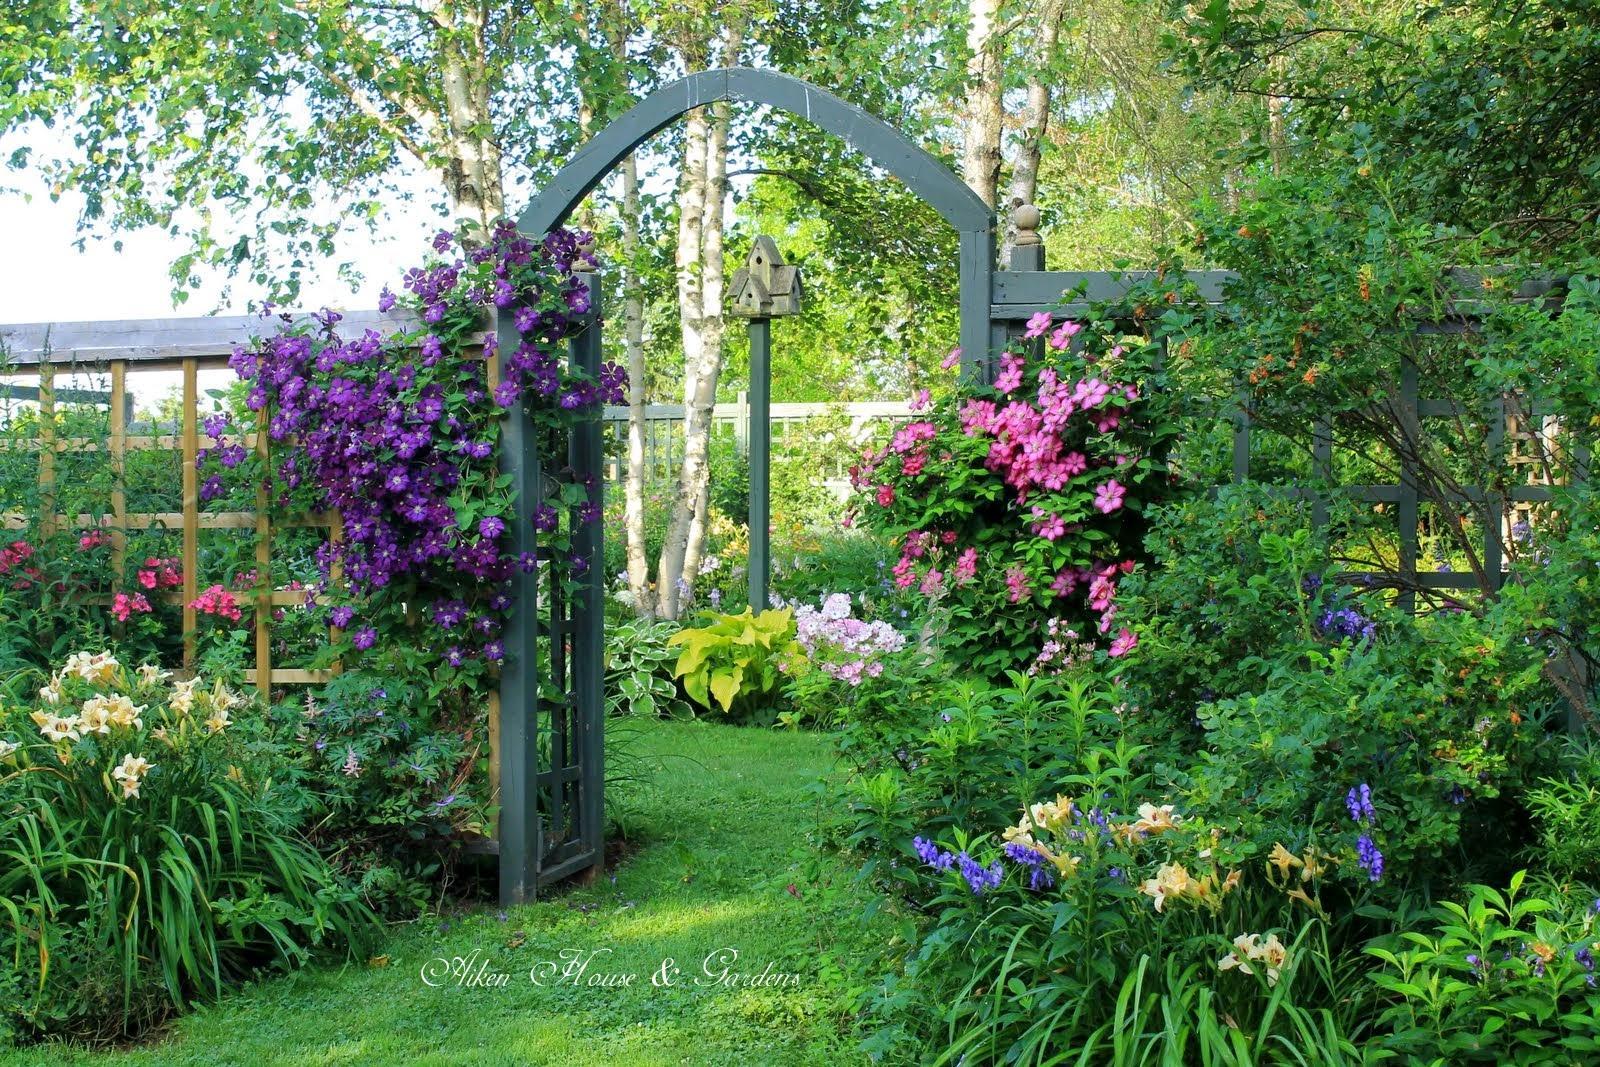 Inšpirácia pre moju záhradu - Obrázok č. 7